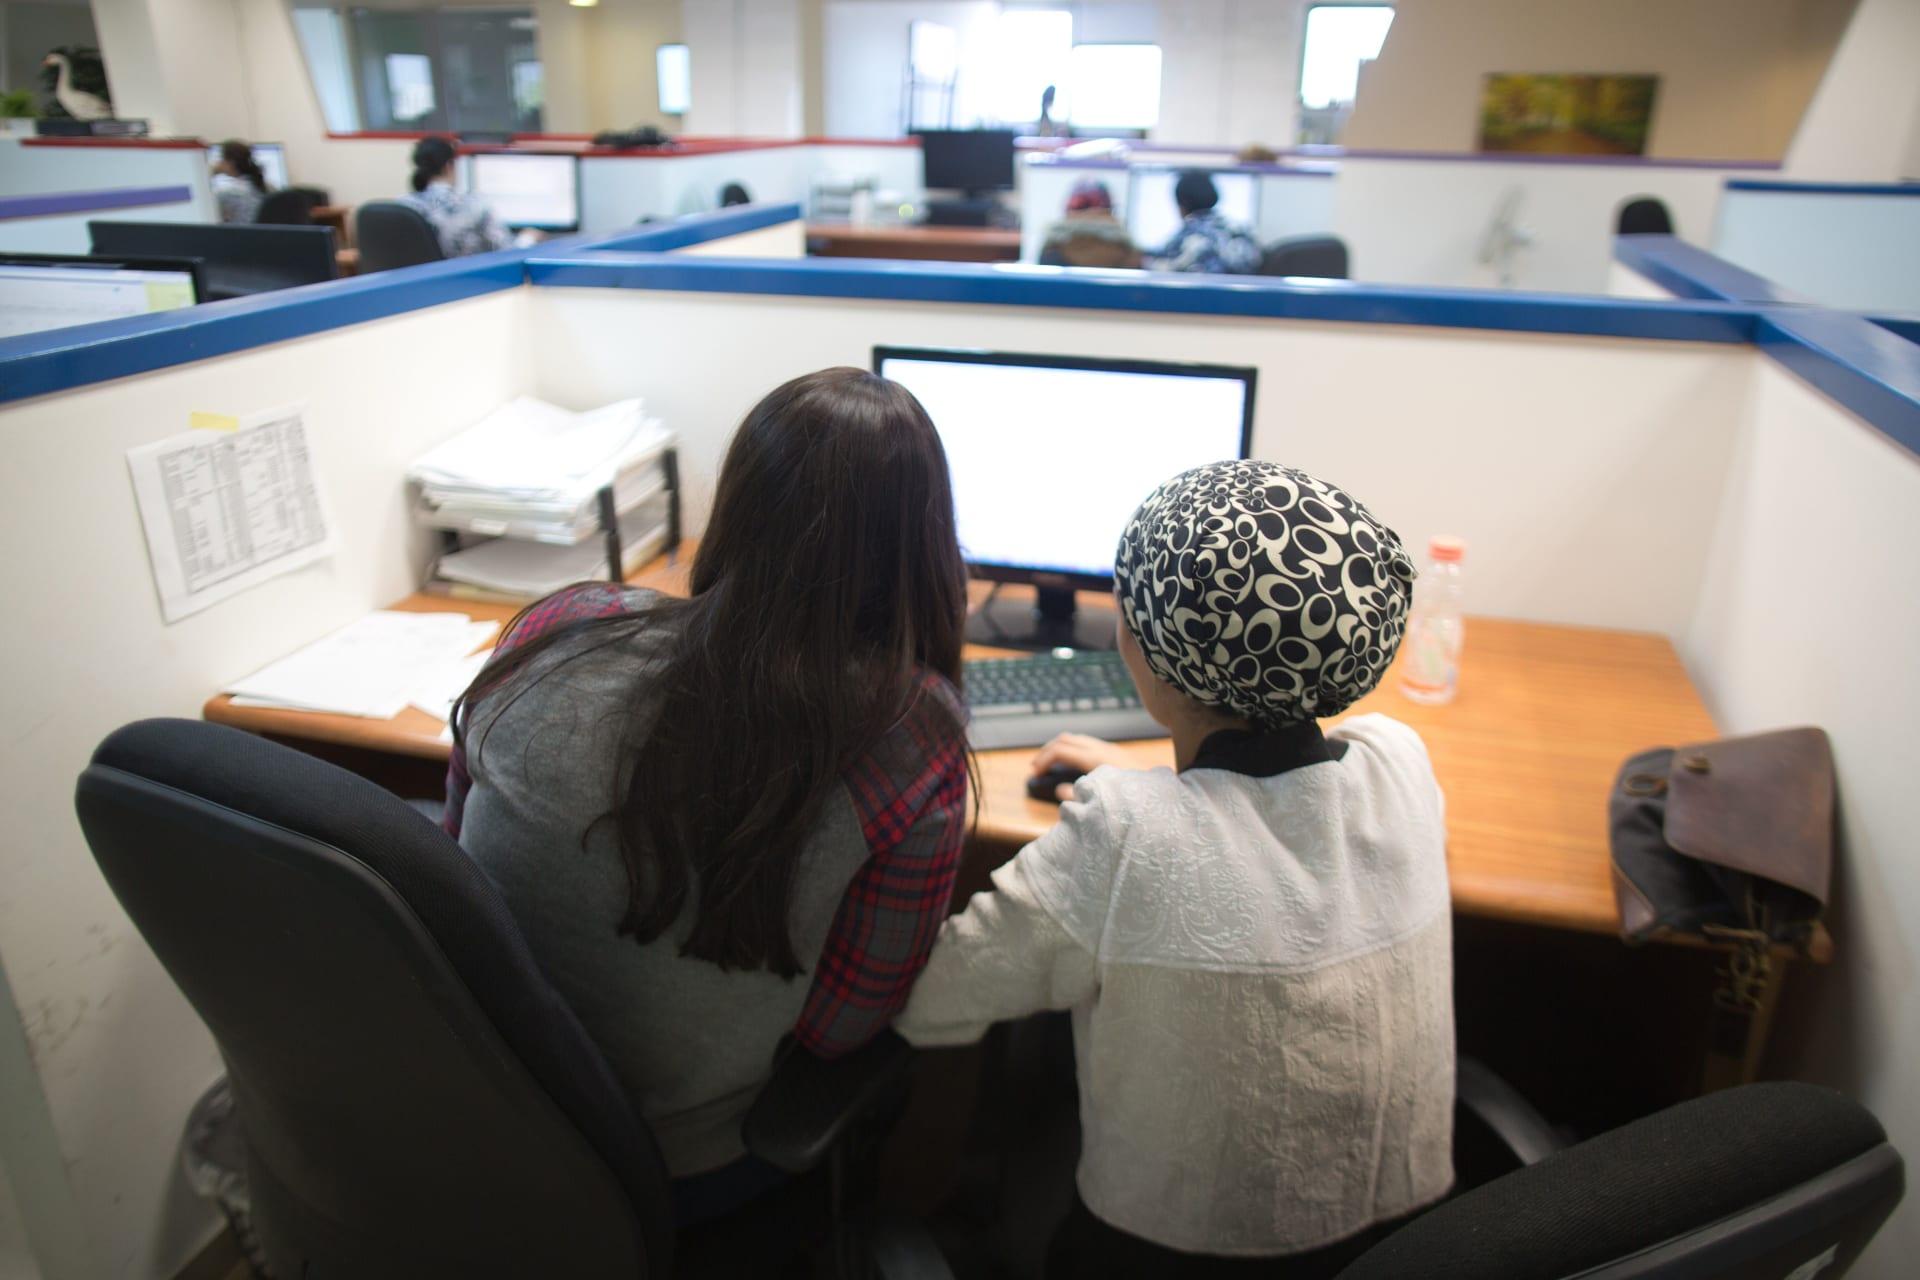 ما مدى ولاء الموظفين بشركات الشرق الأوسط؟